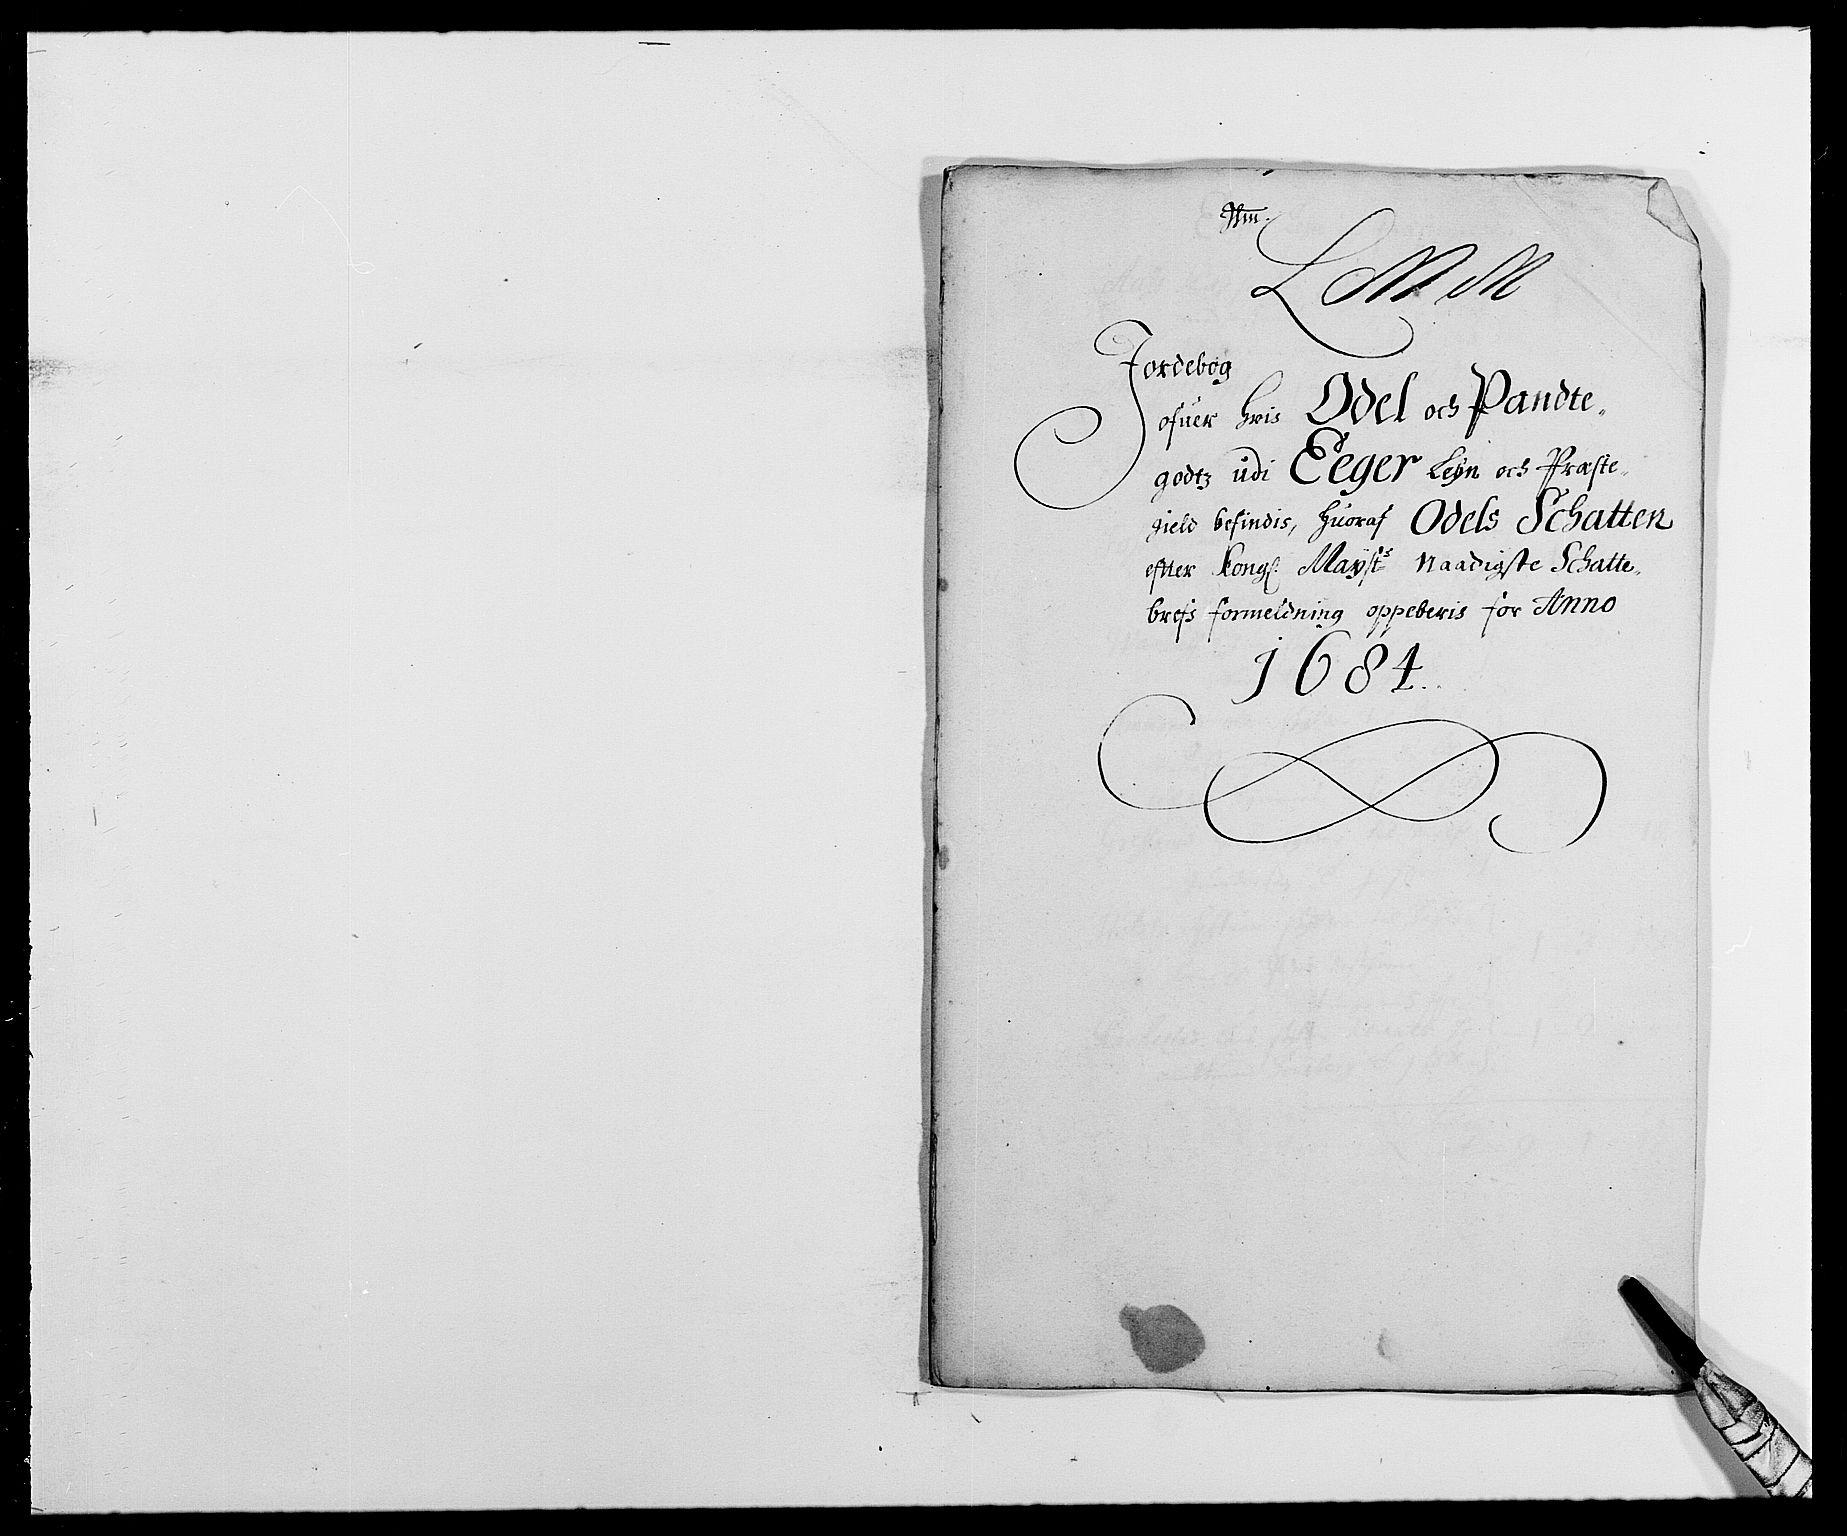 RA, Rentekammeret inntil 1814, Reviderte regnskaper, Fogderegnskap, R26/L1685: Fogderegnskap Eiker, 1679-1686, s. 30